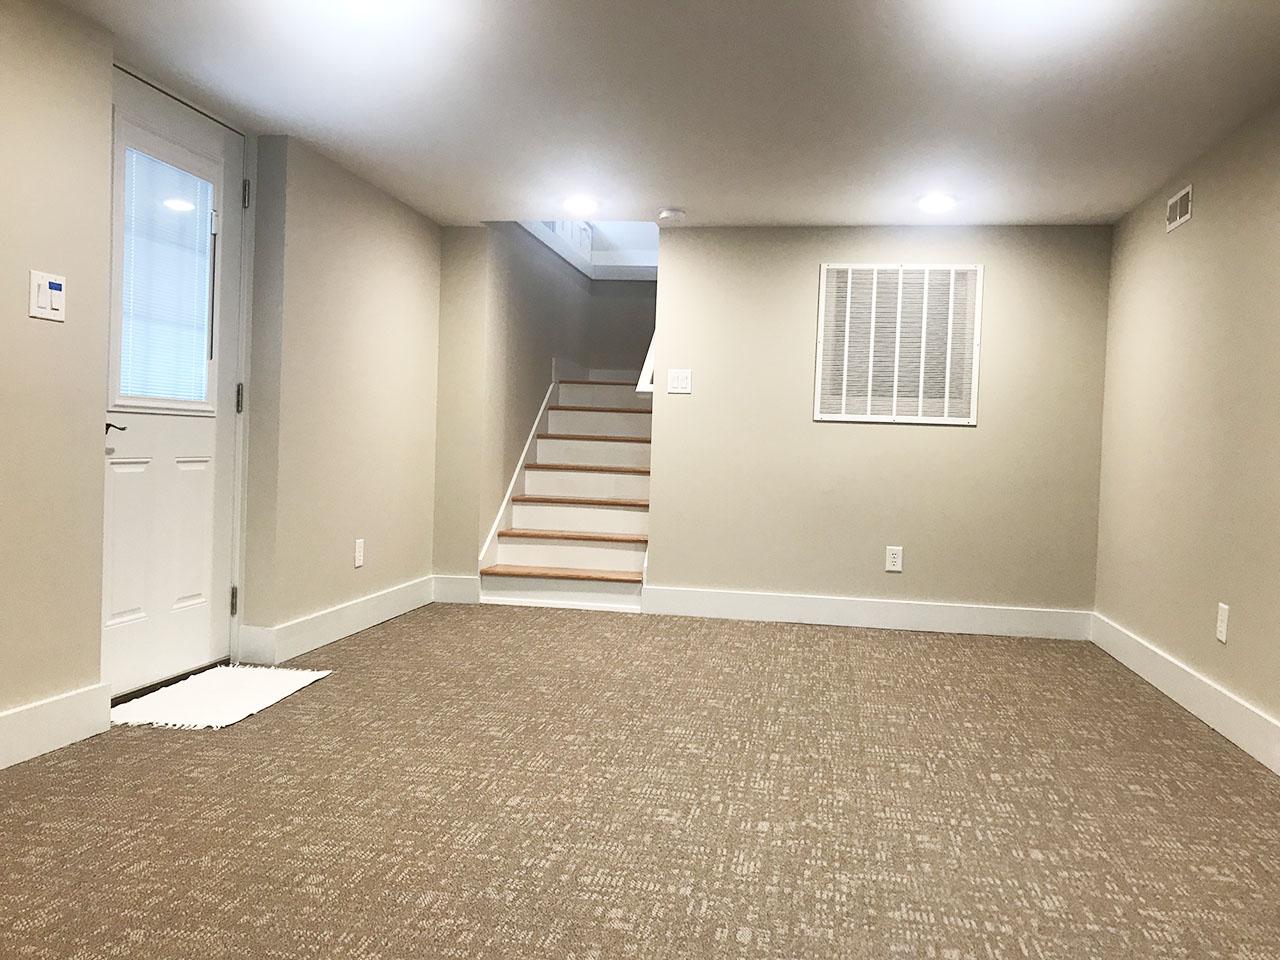 31_Downstairs_2.jpg